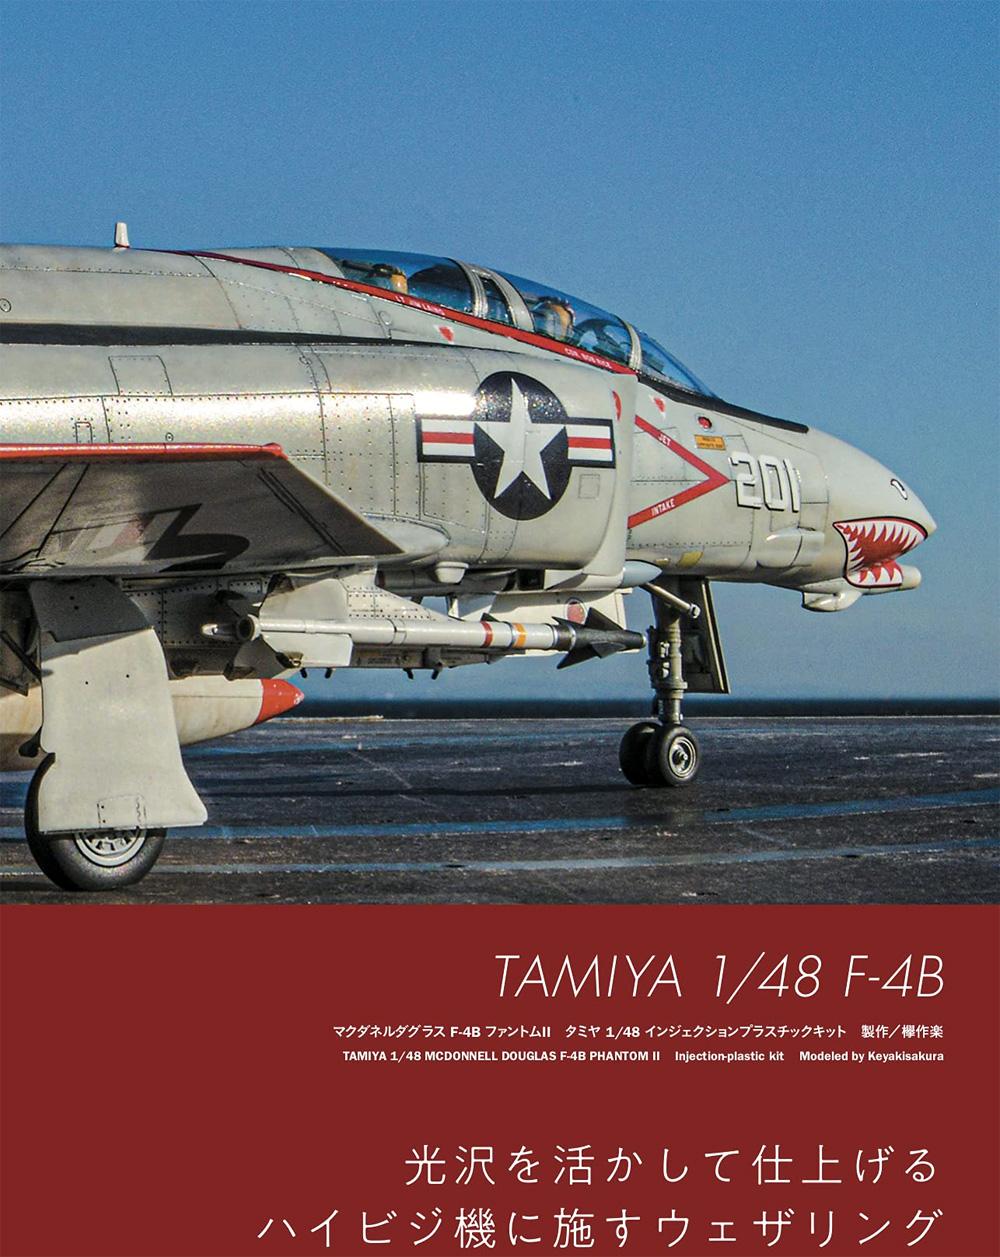 スケール アヴィエーション 2021年9月号雑誌(大日本絵画Scale AviationNo.Vol.141)商品画像_2